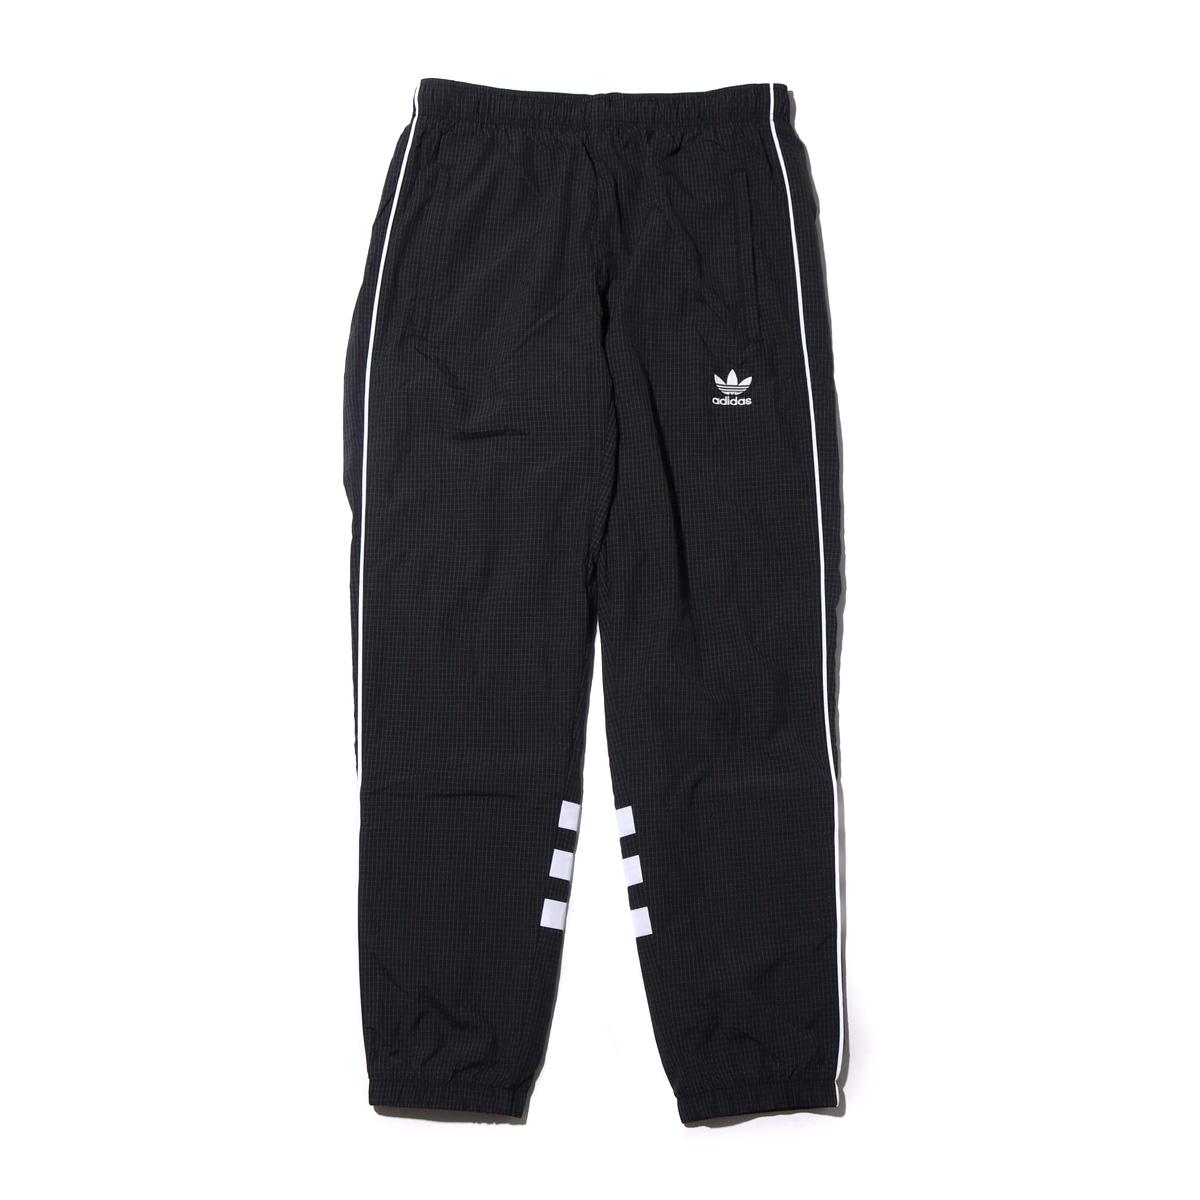 adidas AUTH RIPSTOP TRACK PANTS(アディダス AUTHリップストップトラックパンツ)ブラック【メンズ ジャケット】18FW-I